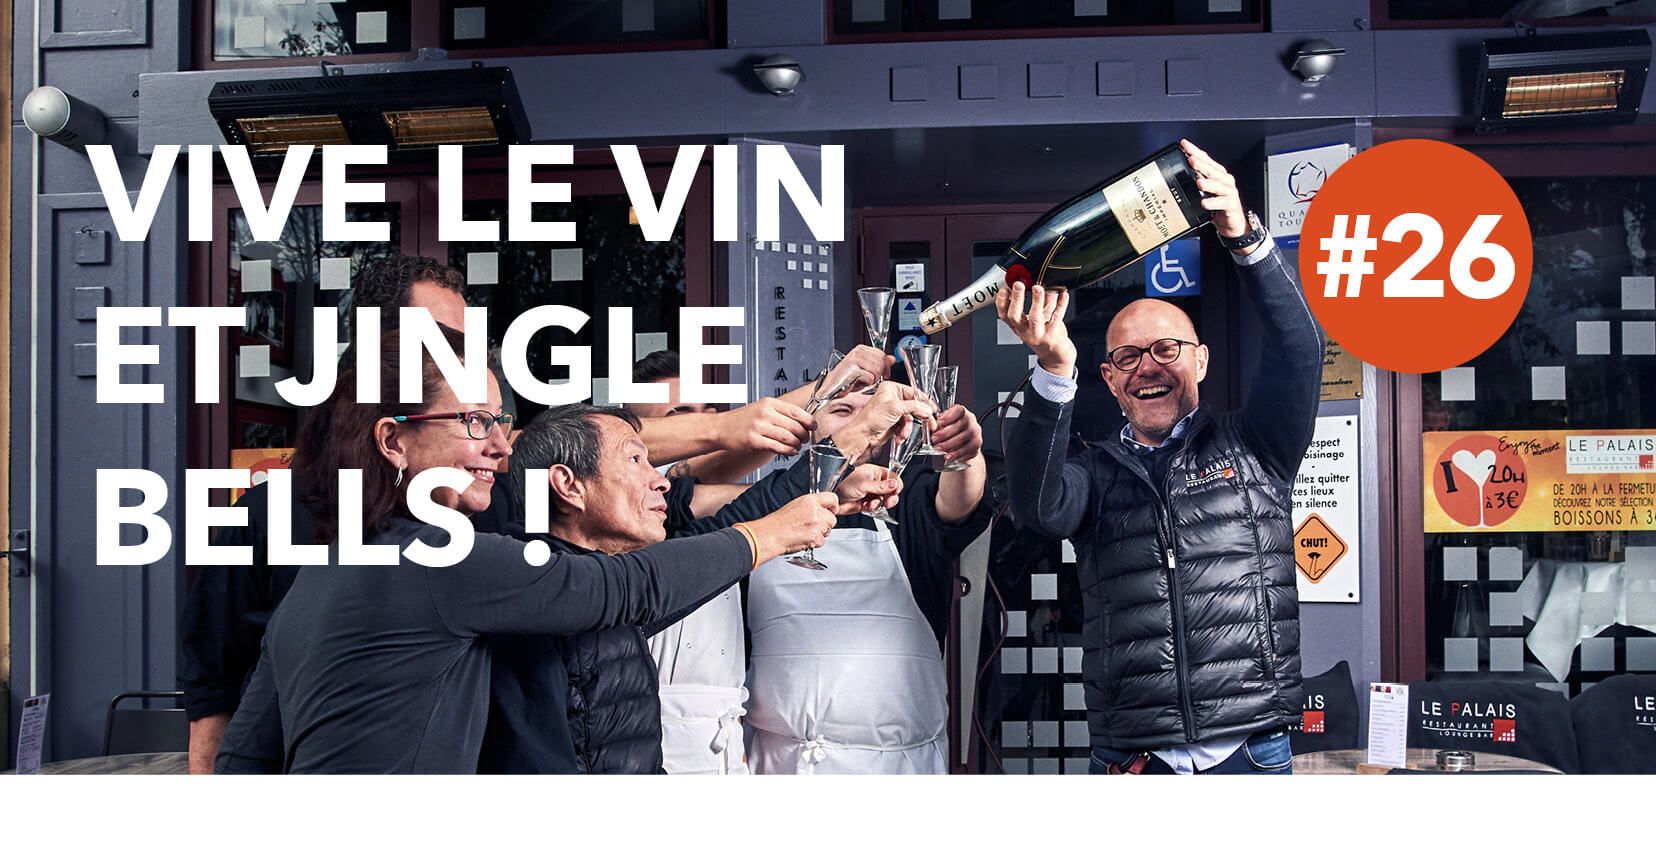 Read more about the article Vive le vin et jingle bulles